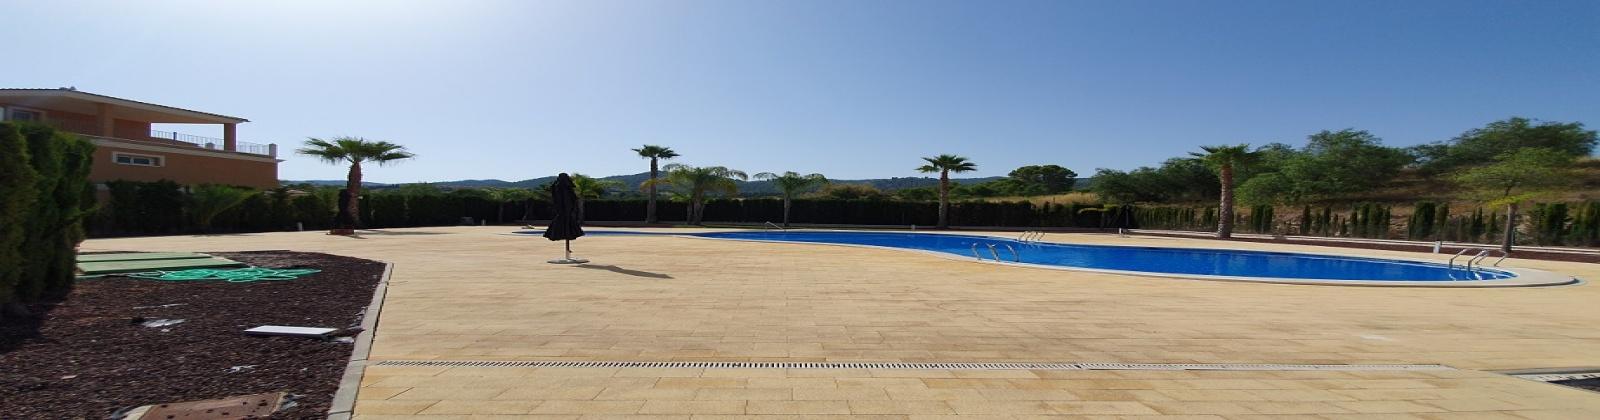 Encina, Murcia, Región de Murcia 30834, Torre Guil,Murcia, 3 Habitaciones Habitaciones, ,2 BathroomsBathrooms,Chalet Pareado,En venta,Encina,1000